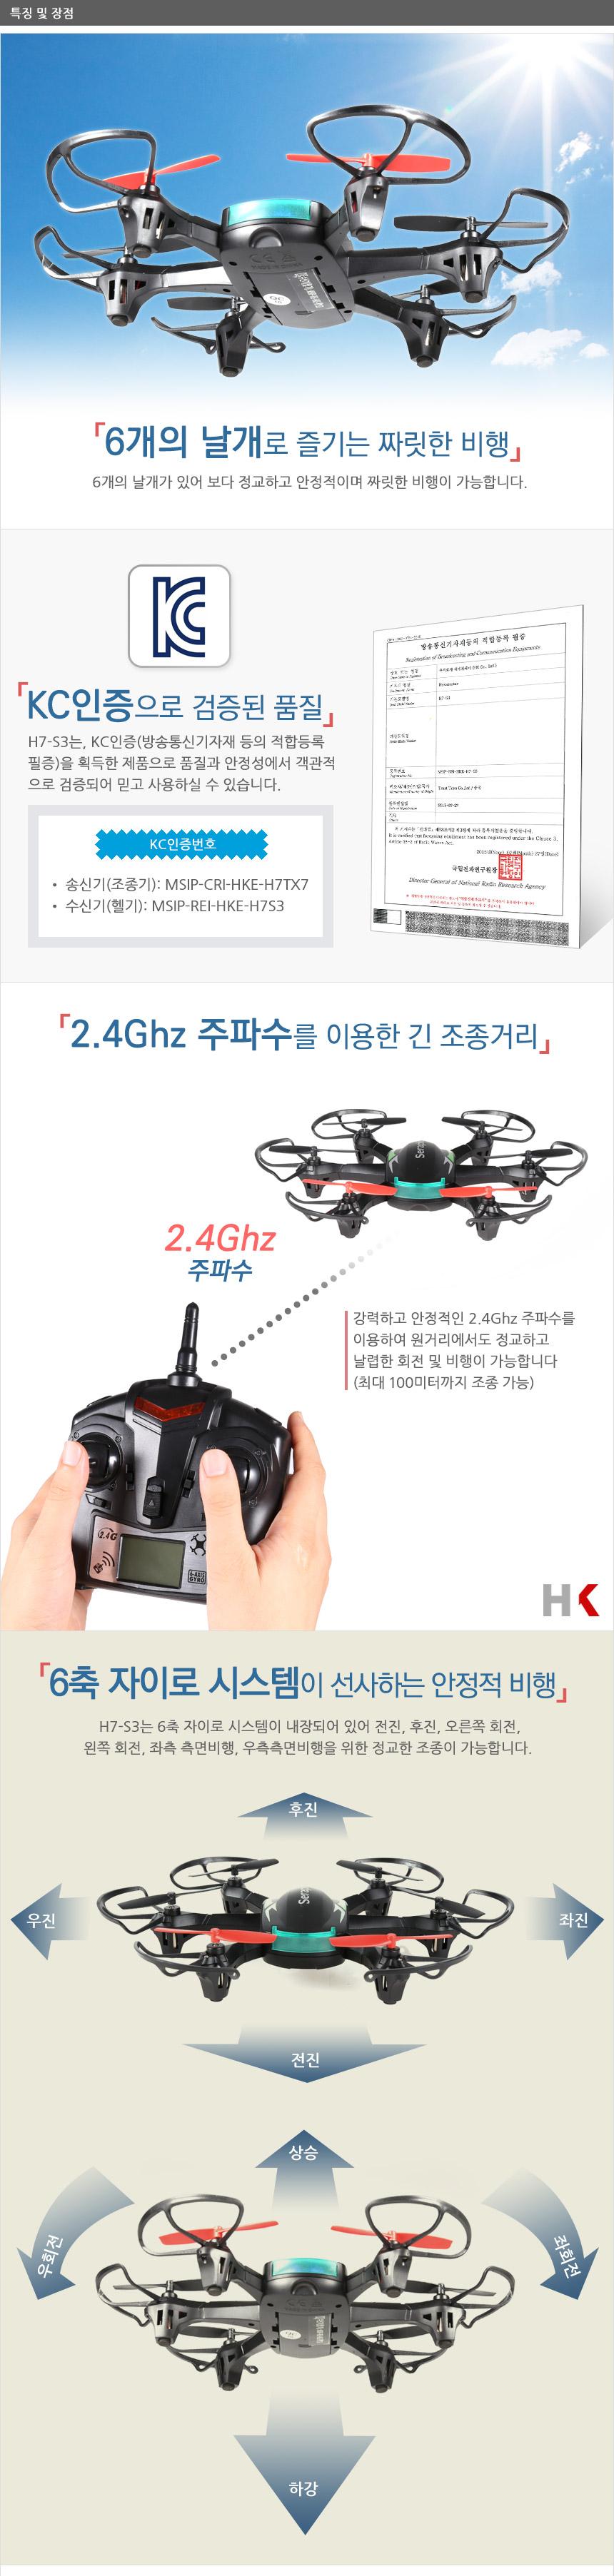 미니드론/드론/H7-S3/헥사콥터/쿼드콥터/헬리캠/RC헬기/비행기/헬리콥터